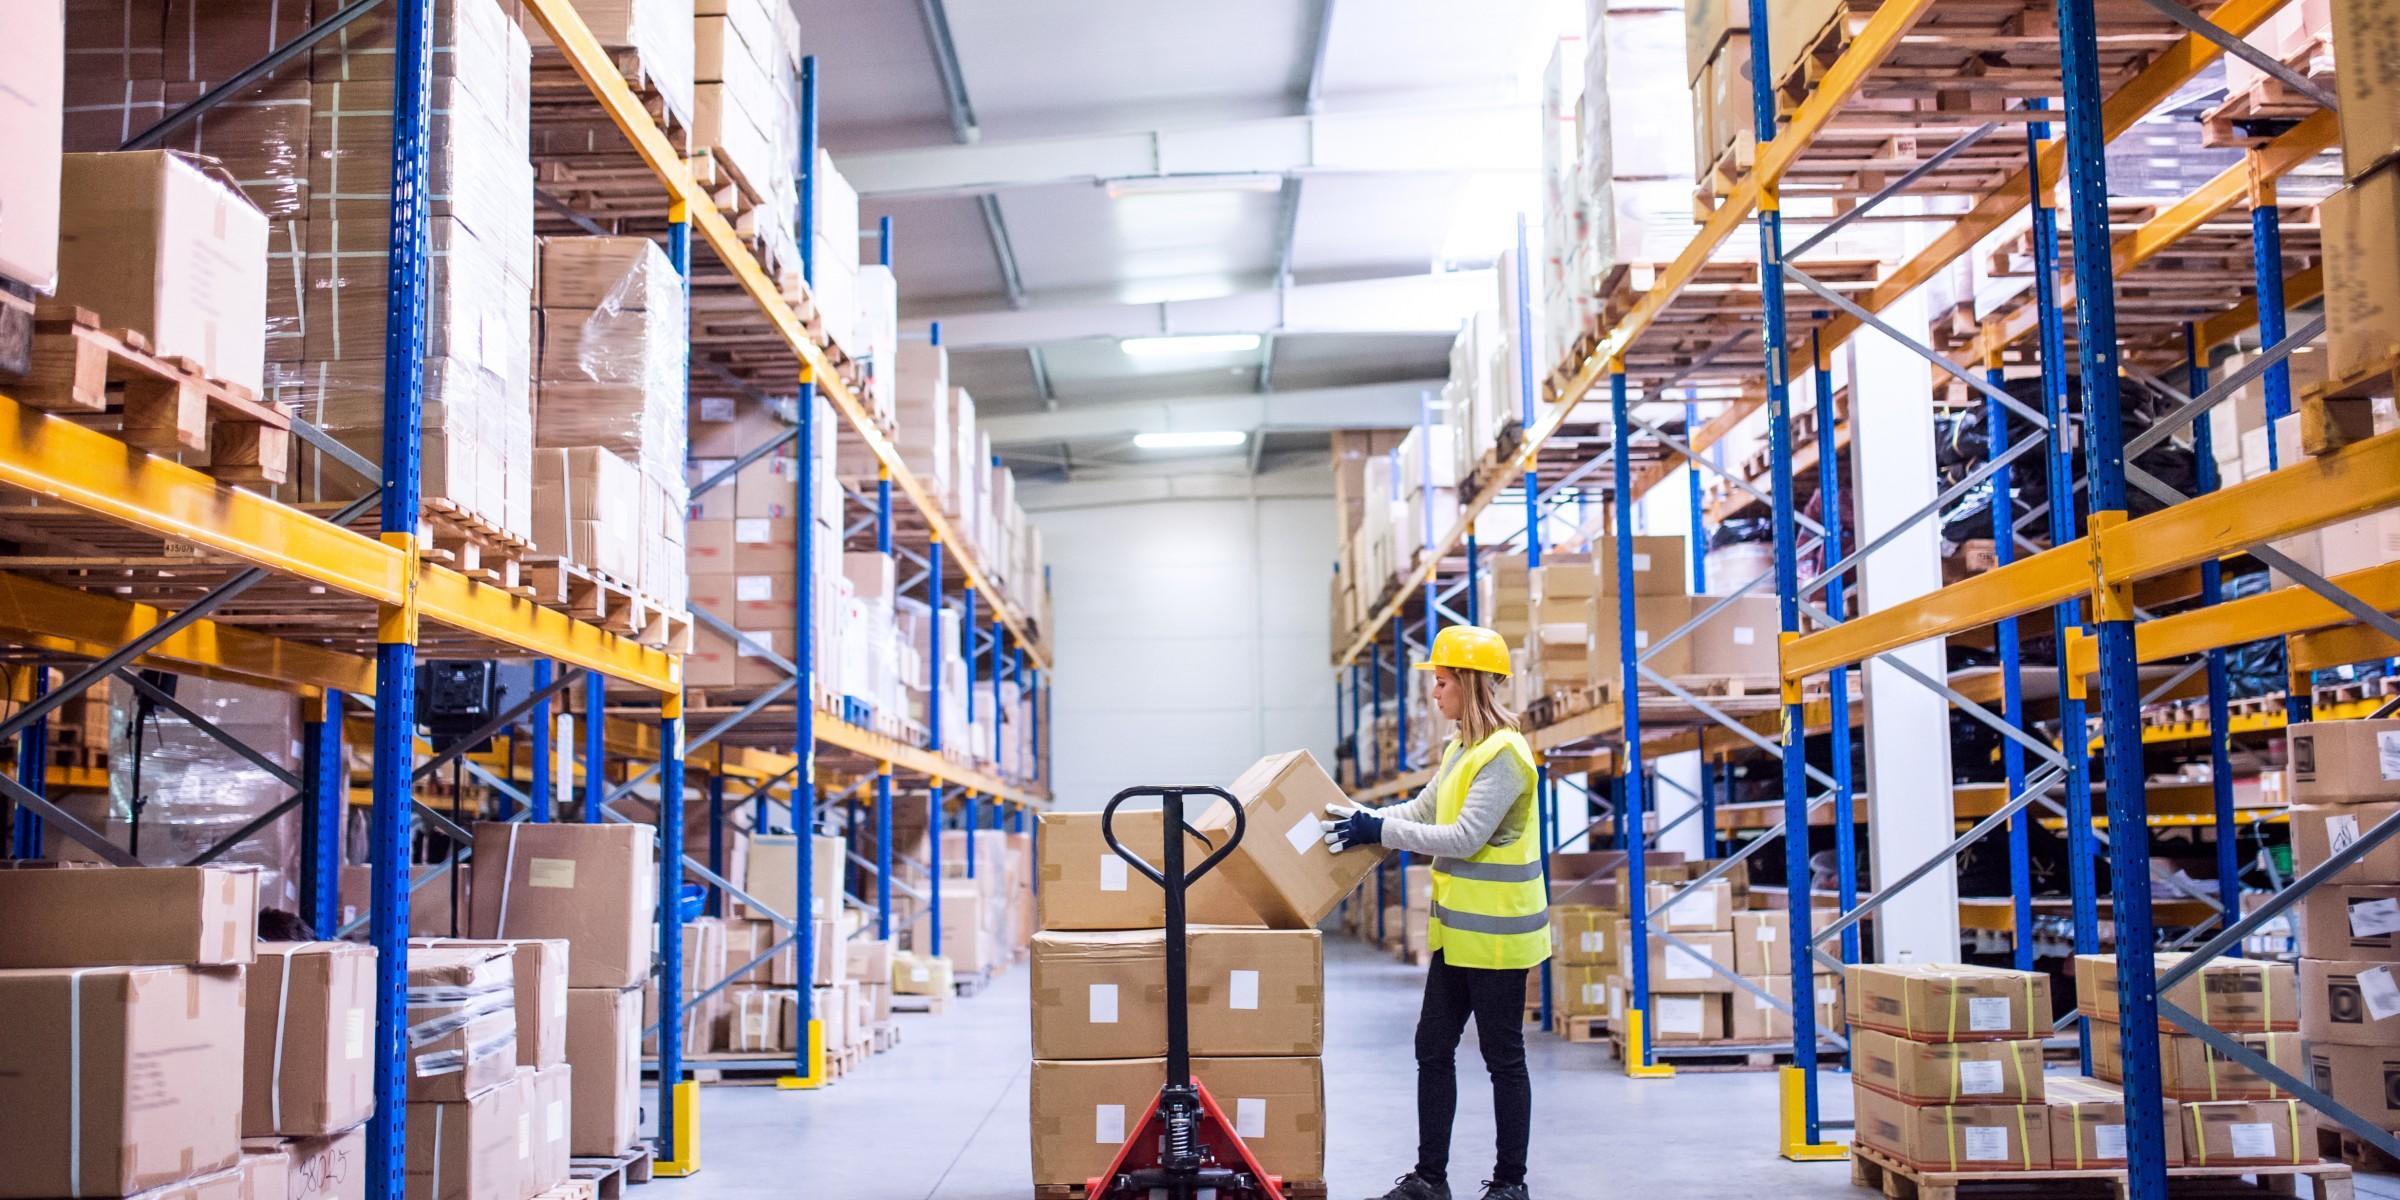 L'entreposage logistique, un secteur dynamique dans la région du Havre